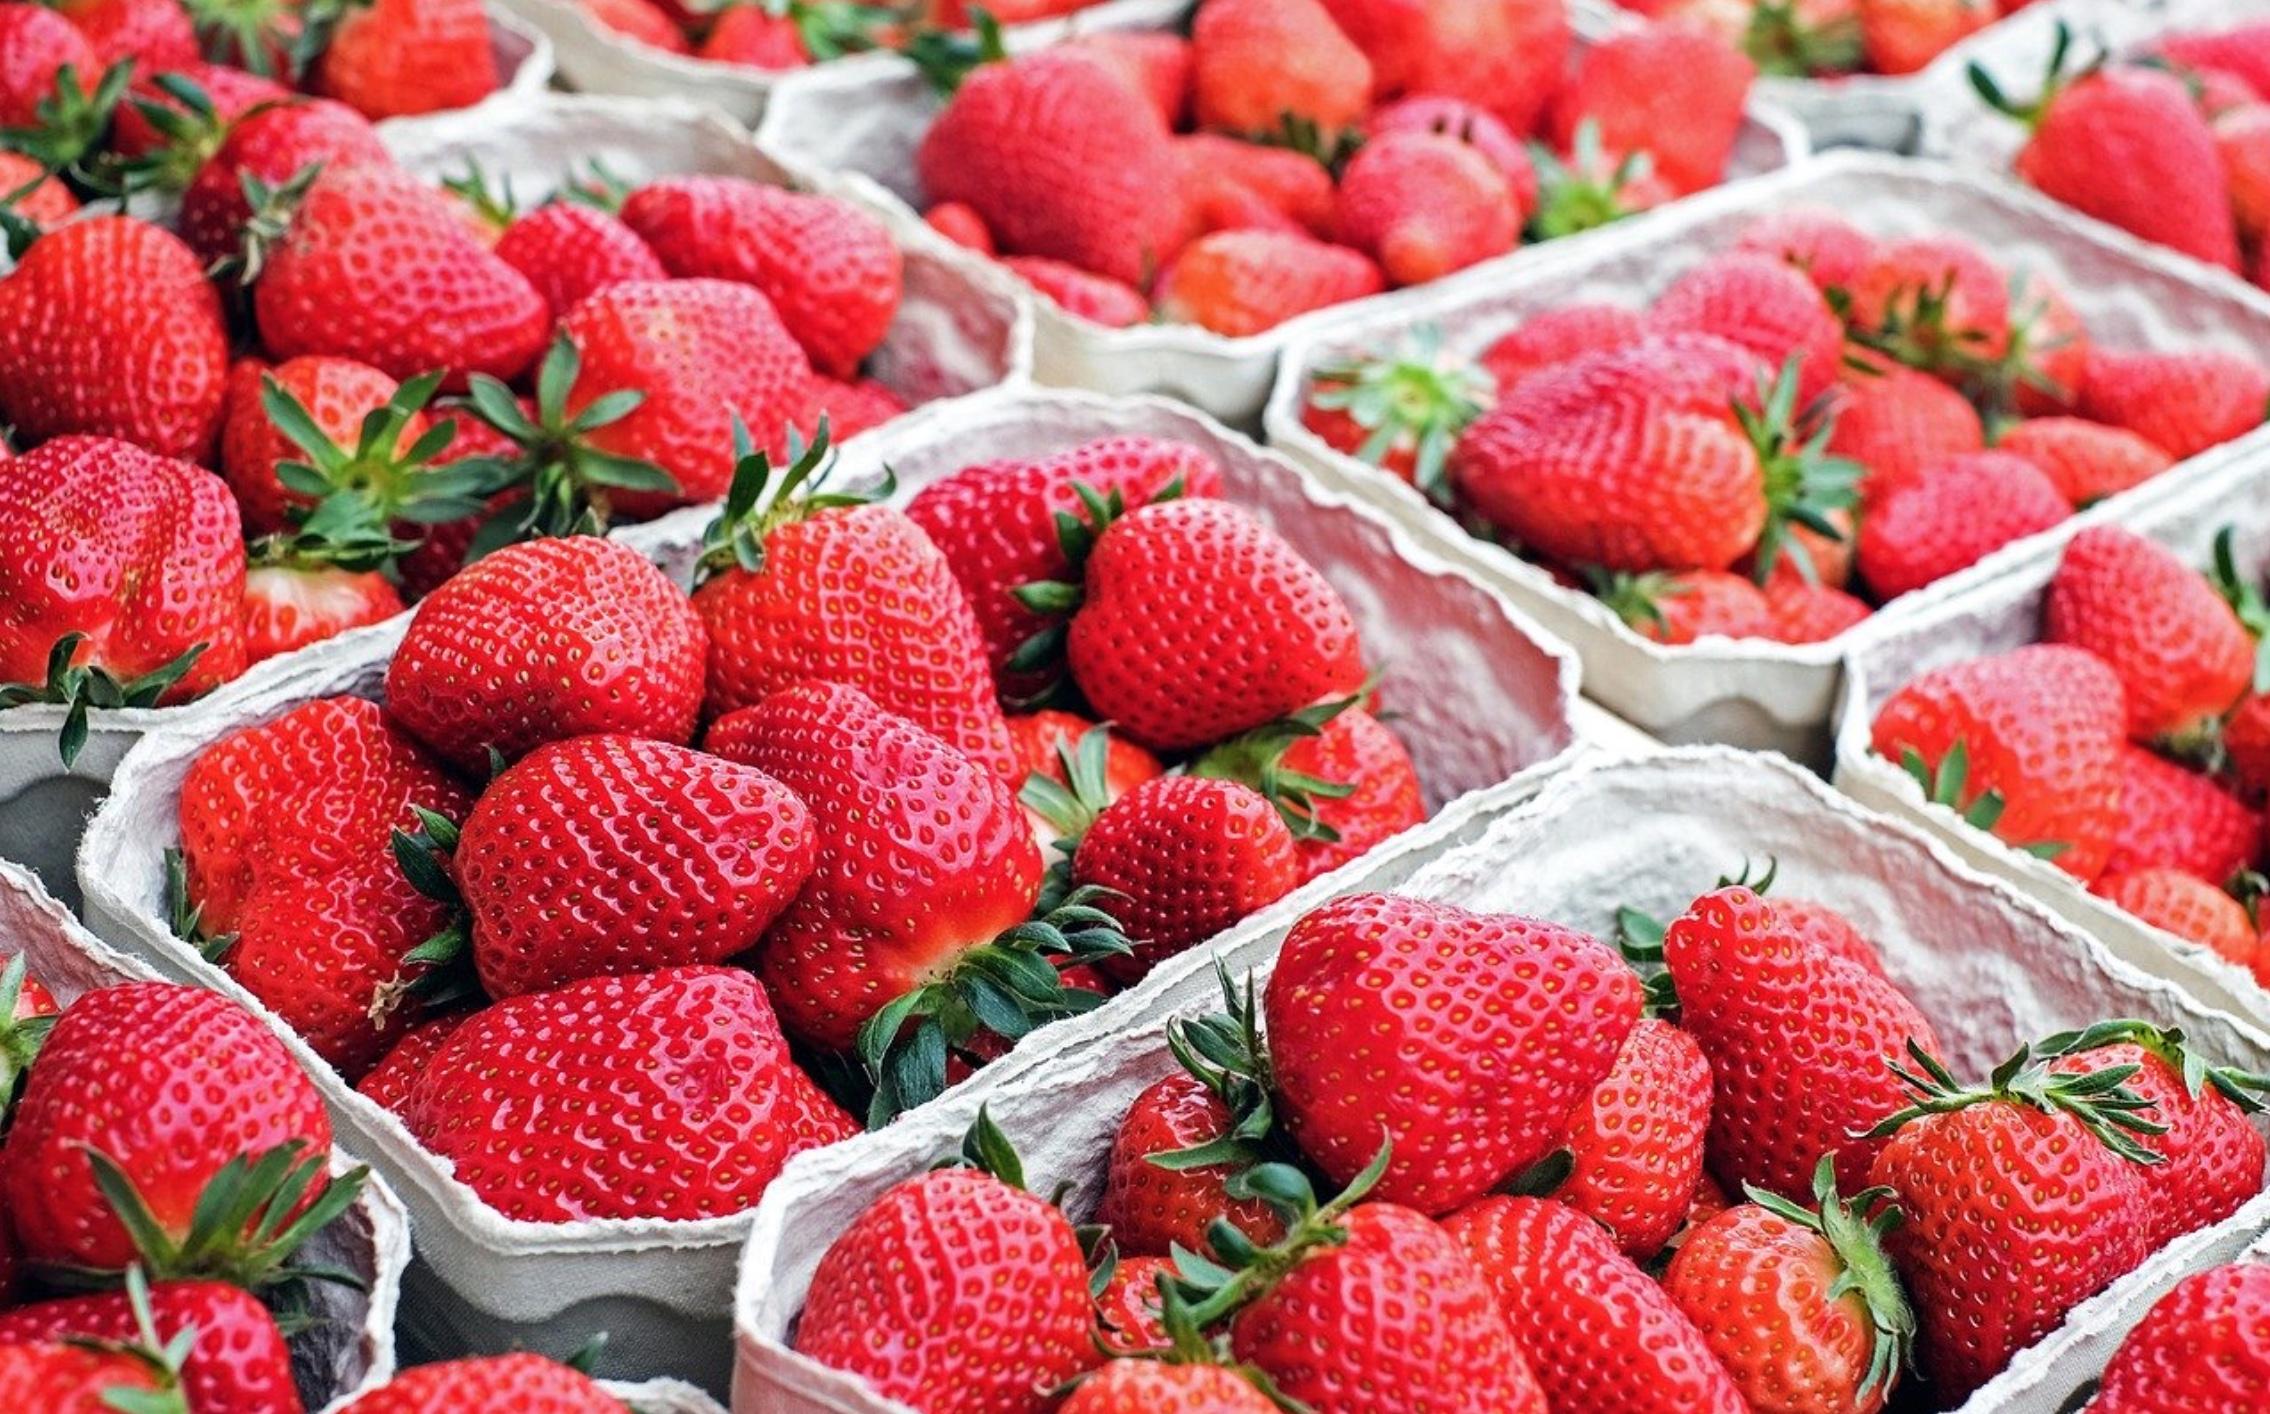 Tuoreita mansikoita rasiassa